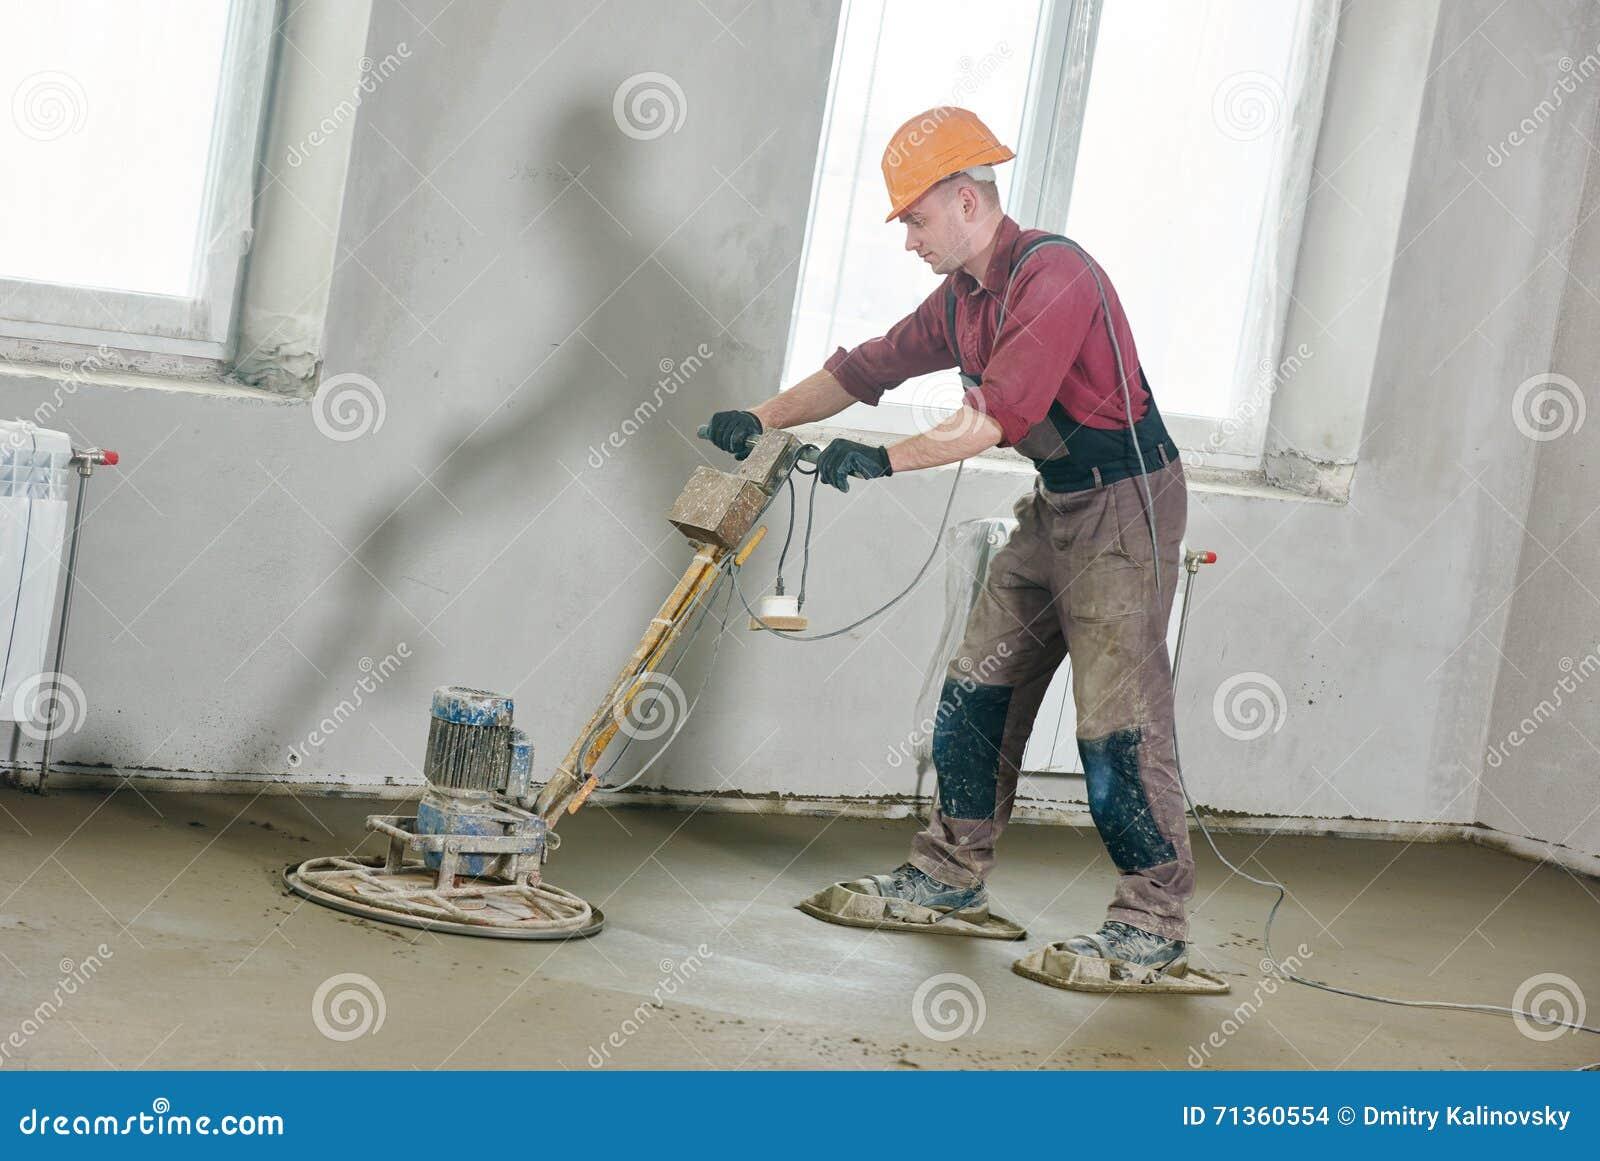 Bodenmaschine Die Durch Glattscheibe Reibt Stockfoto Bild Von